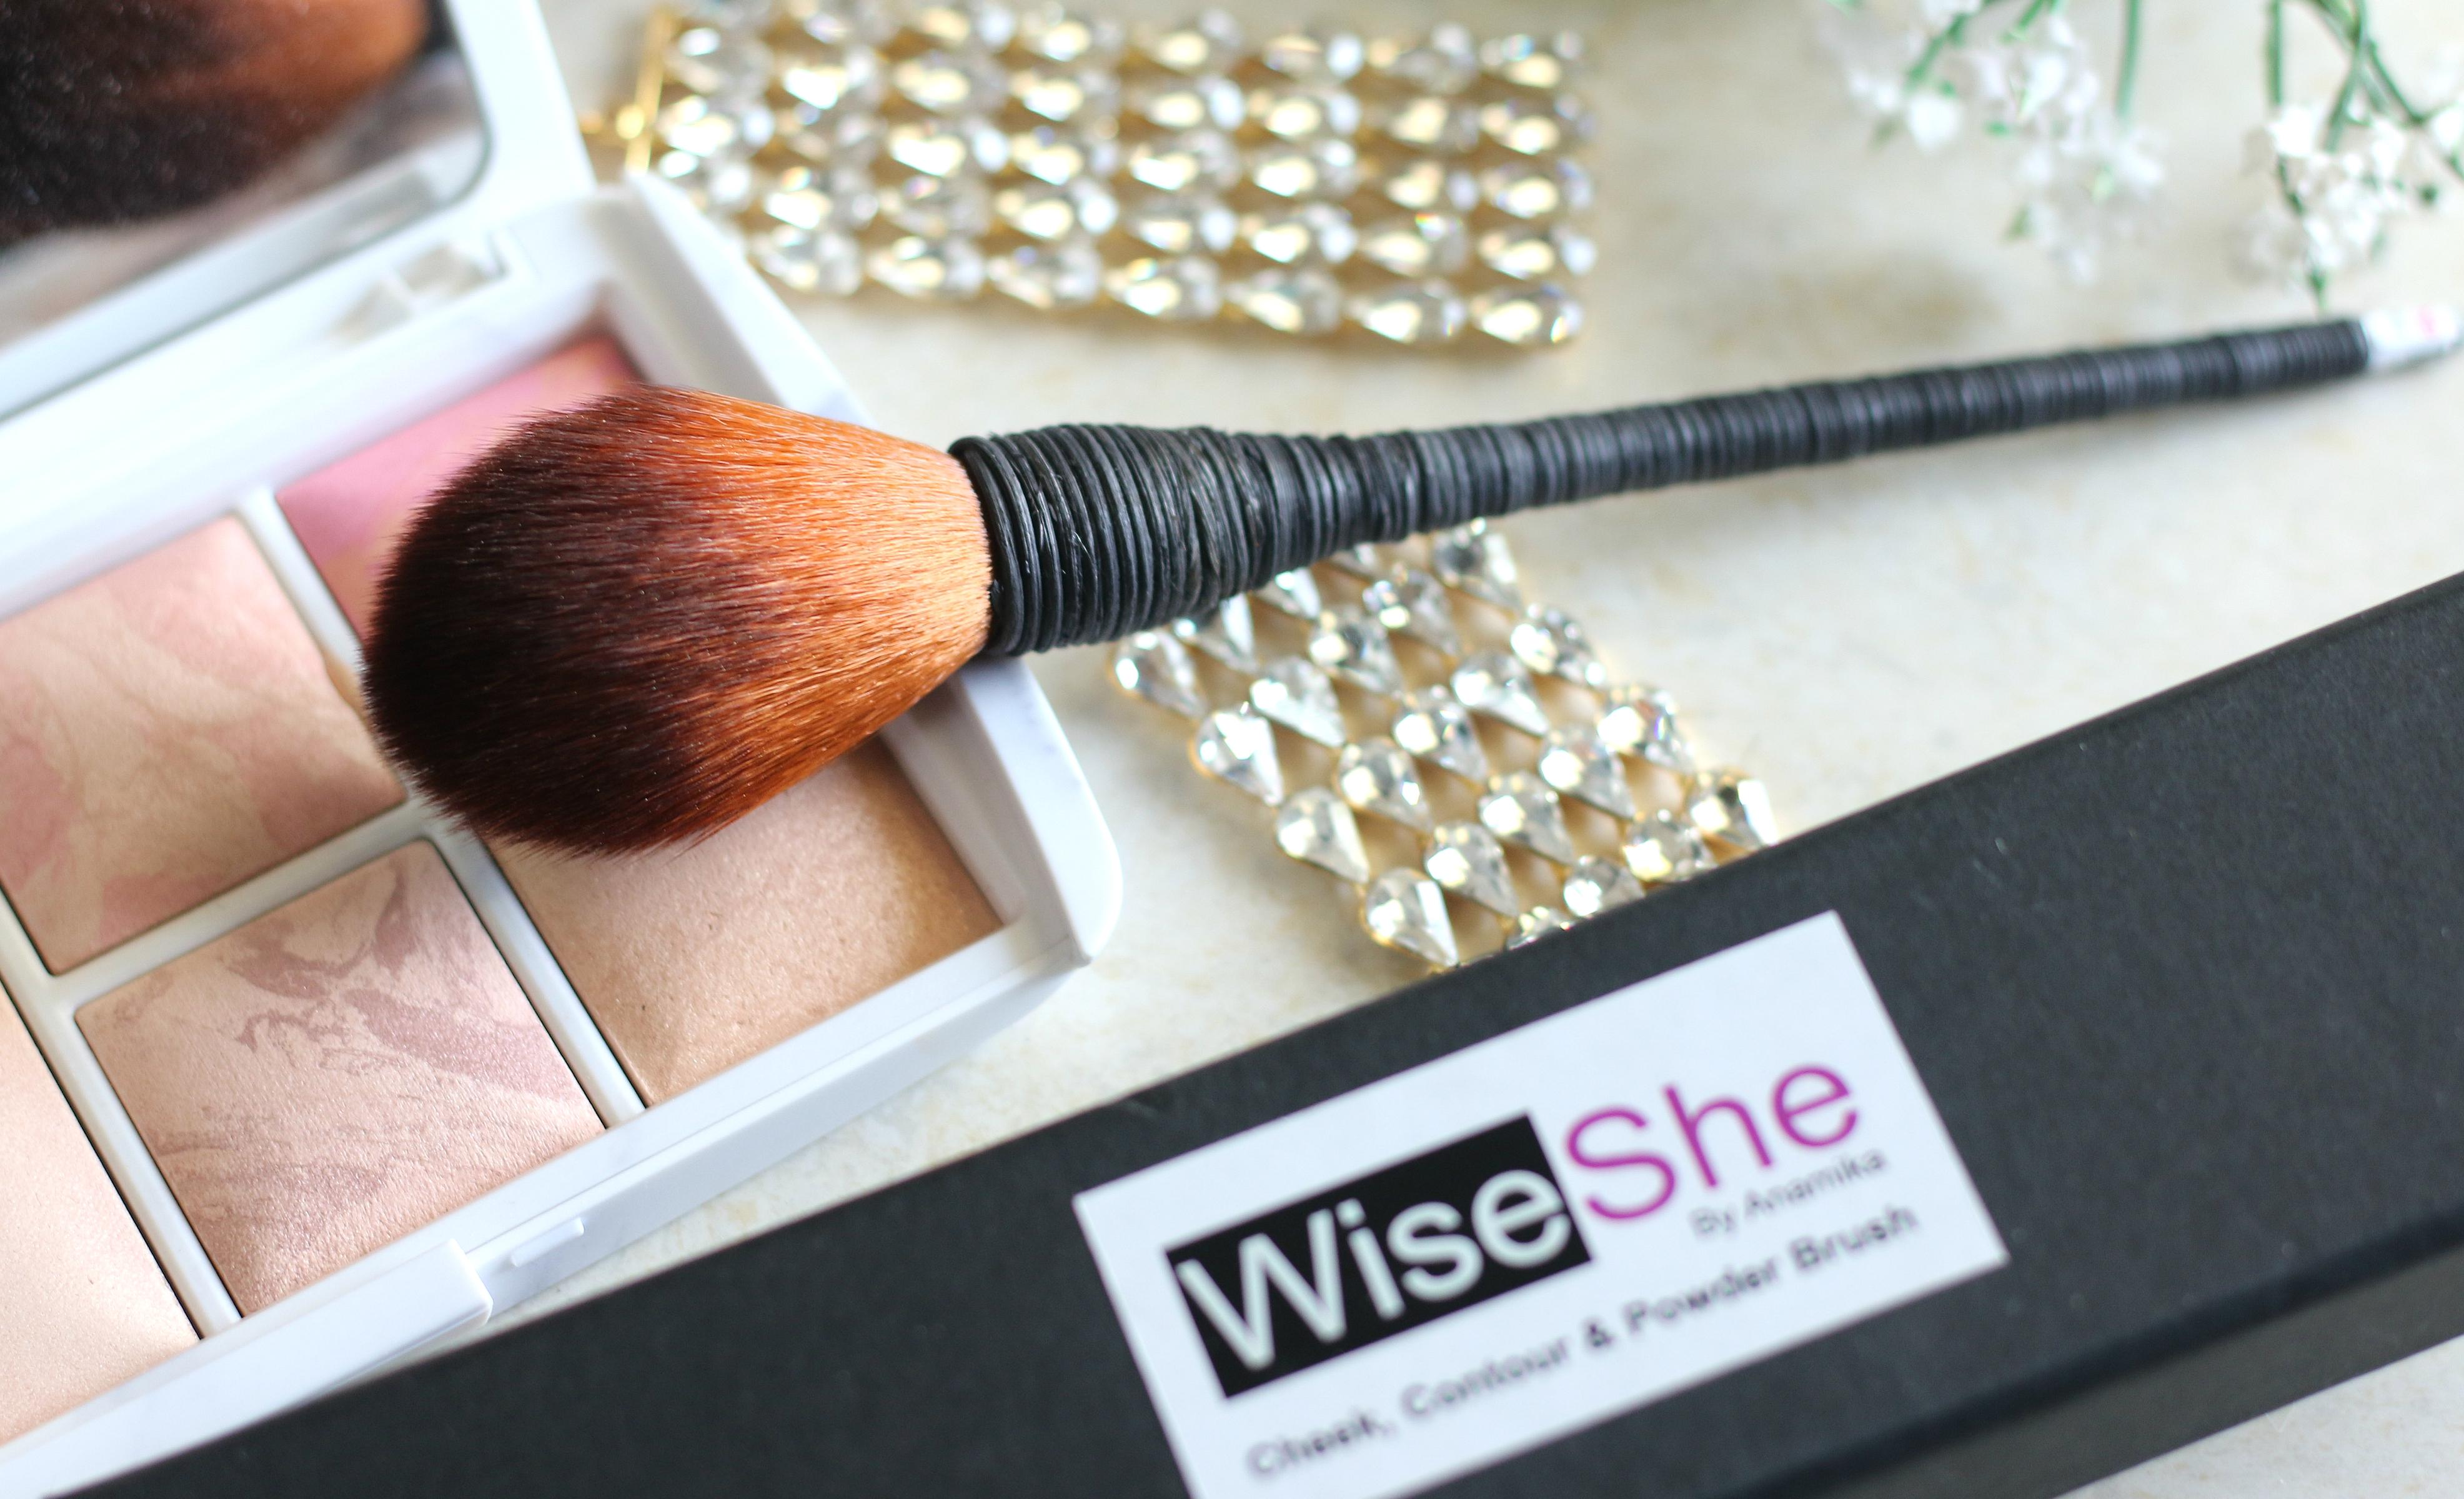 Wiseshe Cheek , Contour & Powder Brush | Review